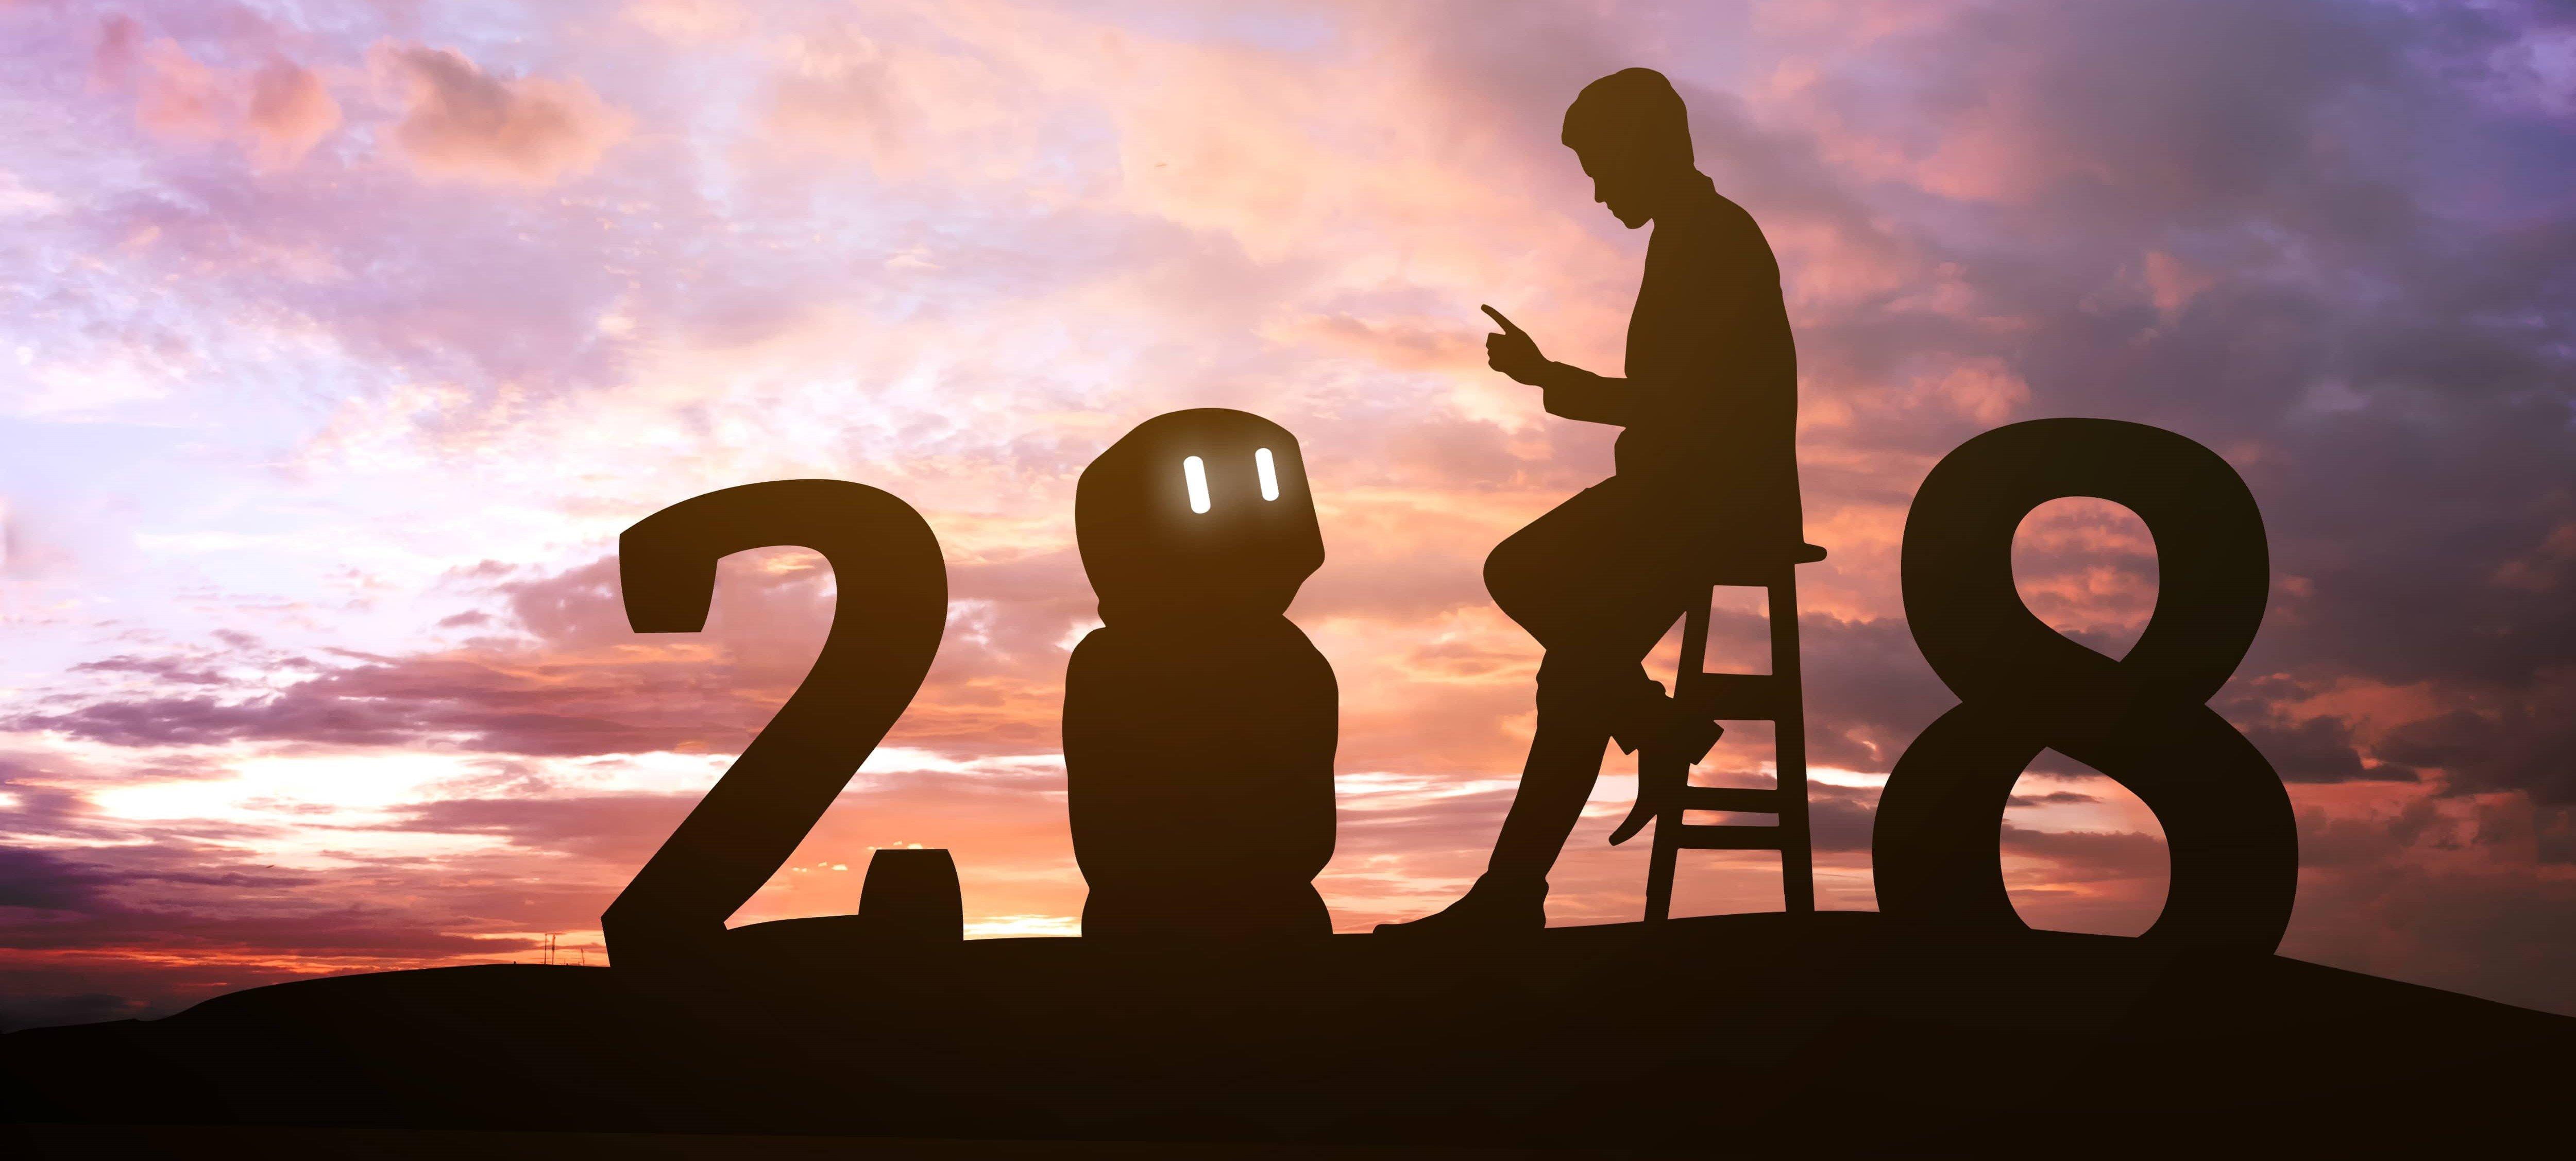 2018 Tech Trends 2